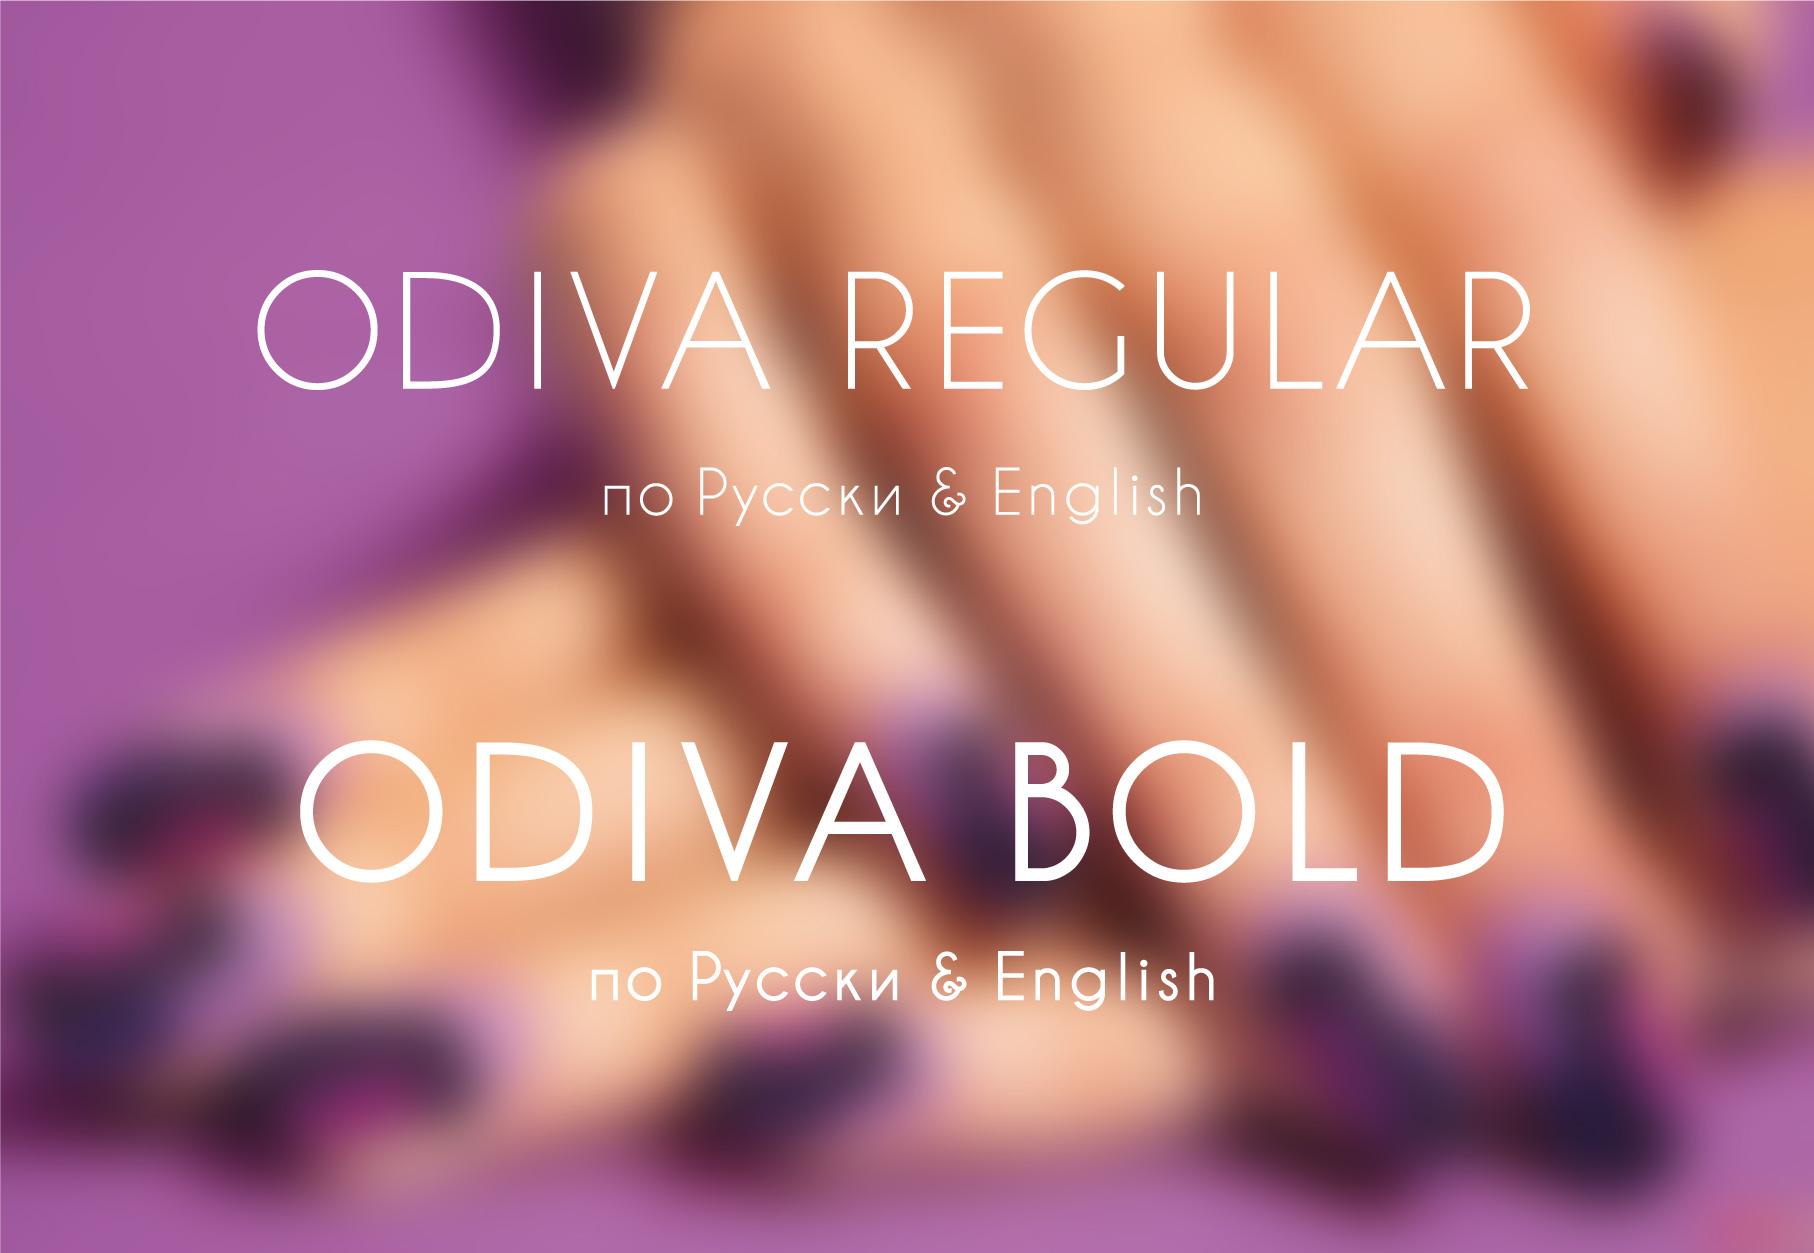 Разработка шрифта regular и bold для магазина маникюрных радостей ODIVA